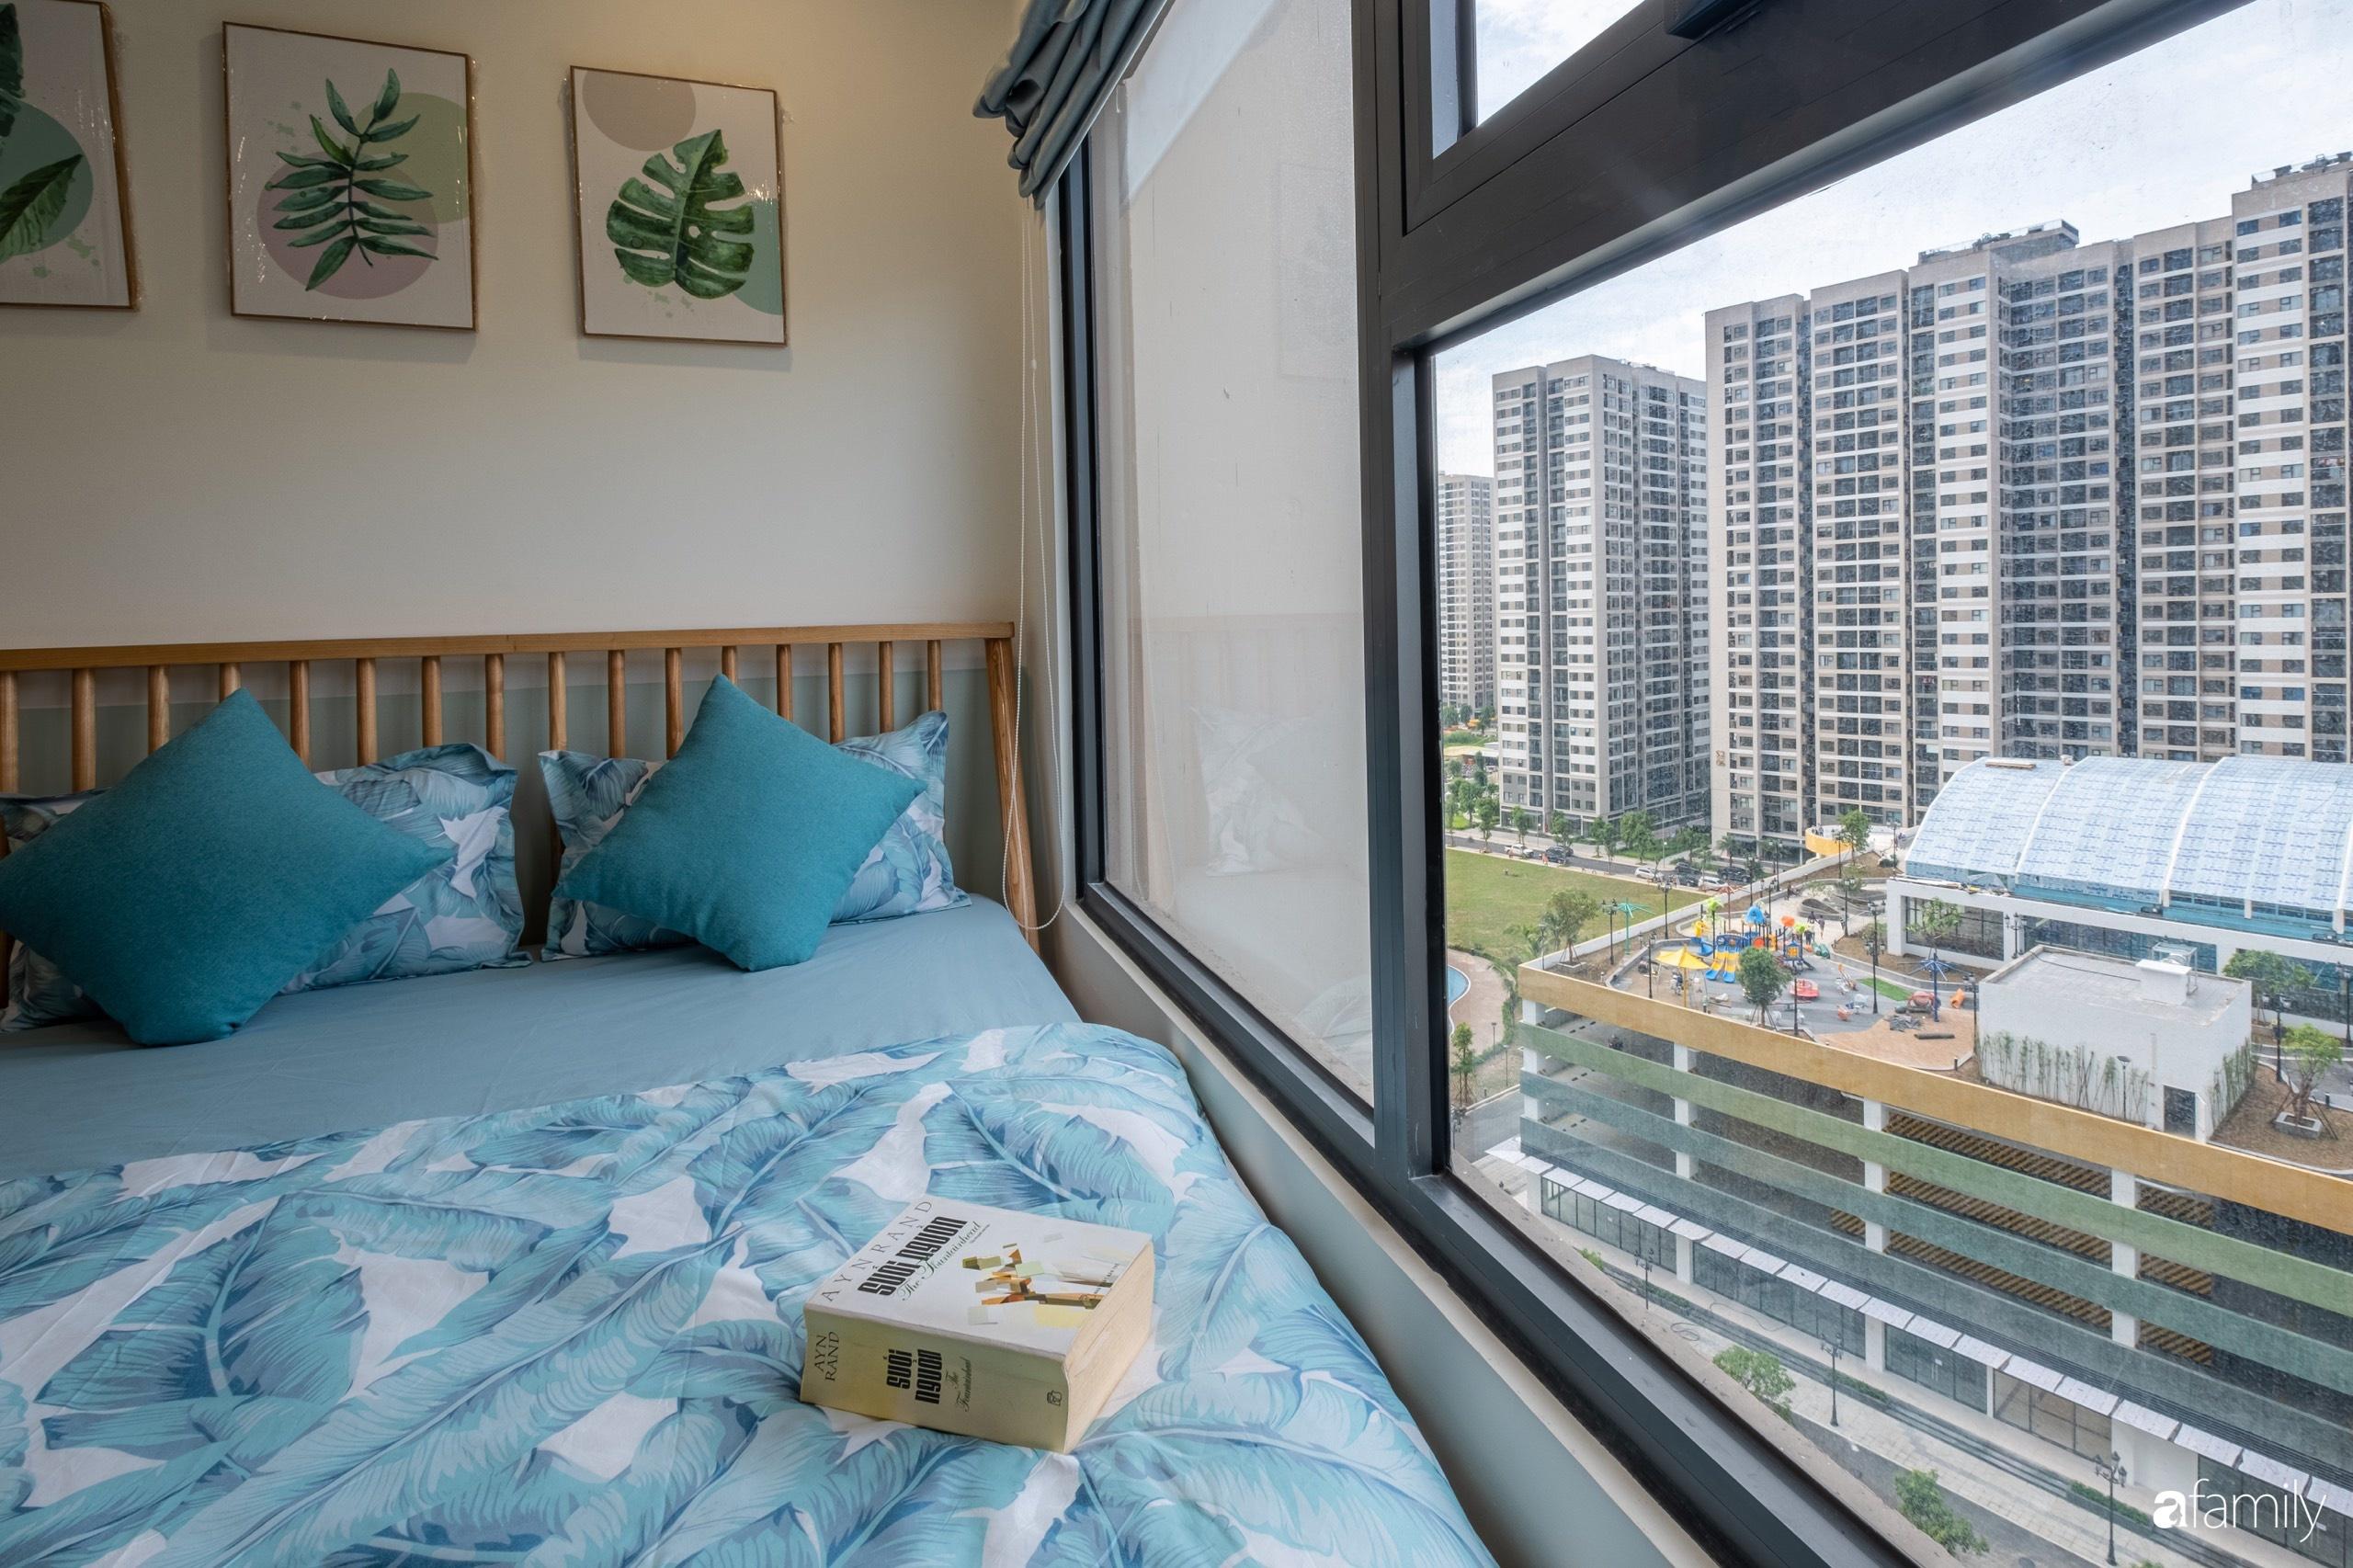 Căn hộ 40m² ở ngoại thành Hà Nội khiến ai ngắm nhìn cũng xuýt xoa vì đẹp có chi phí hoàn thiện 70 triệu đồng - Ảnh 17.